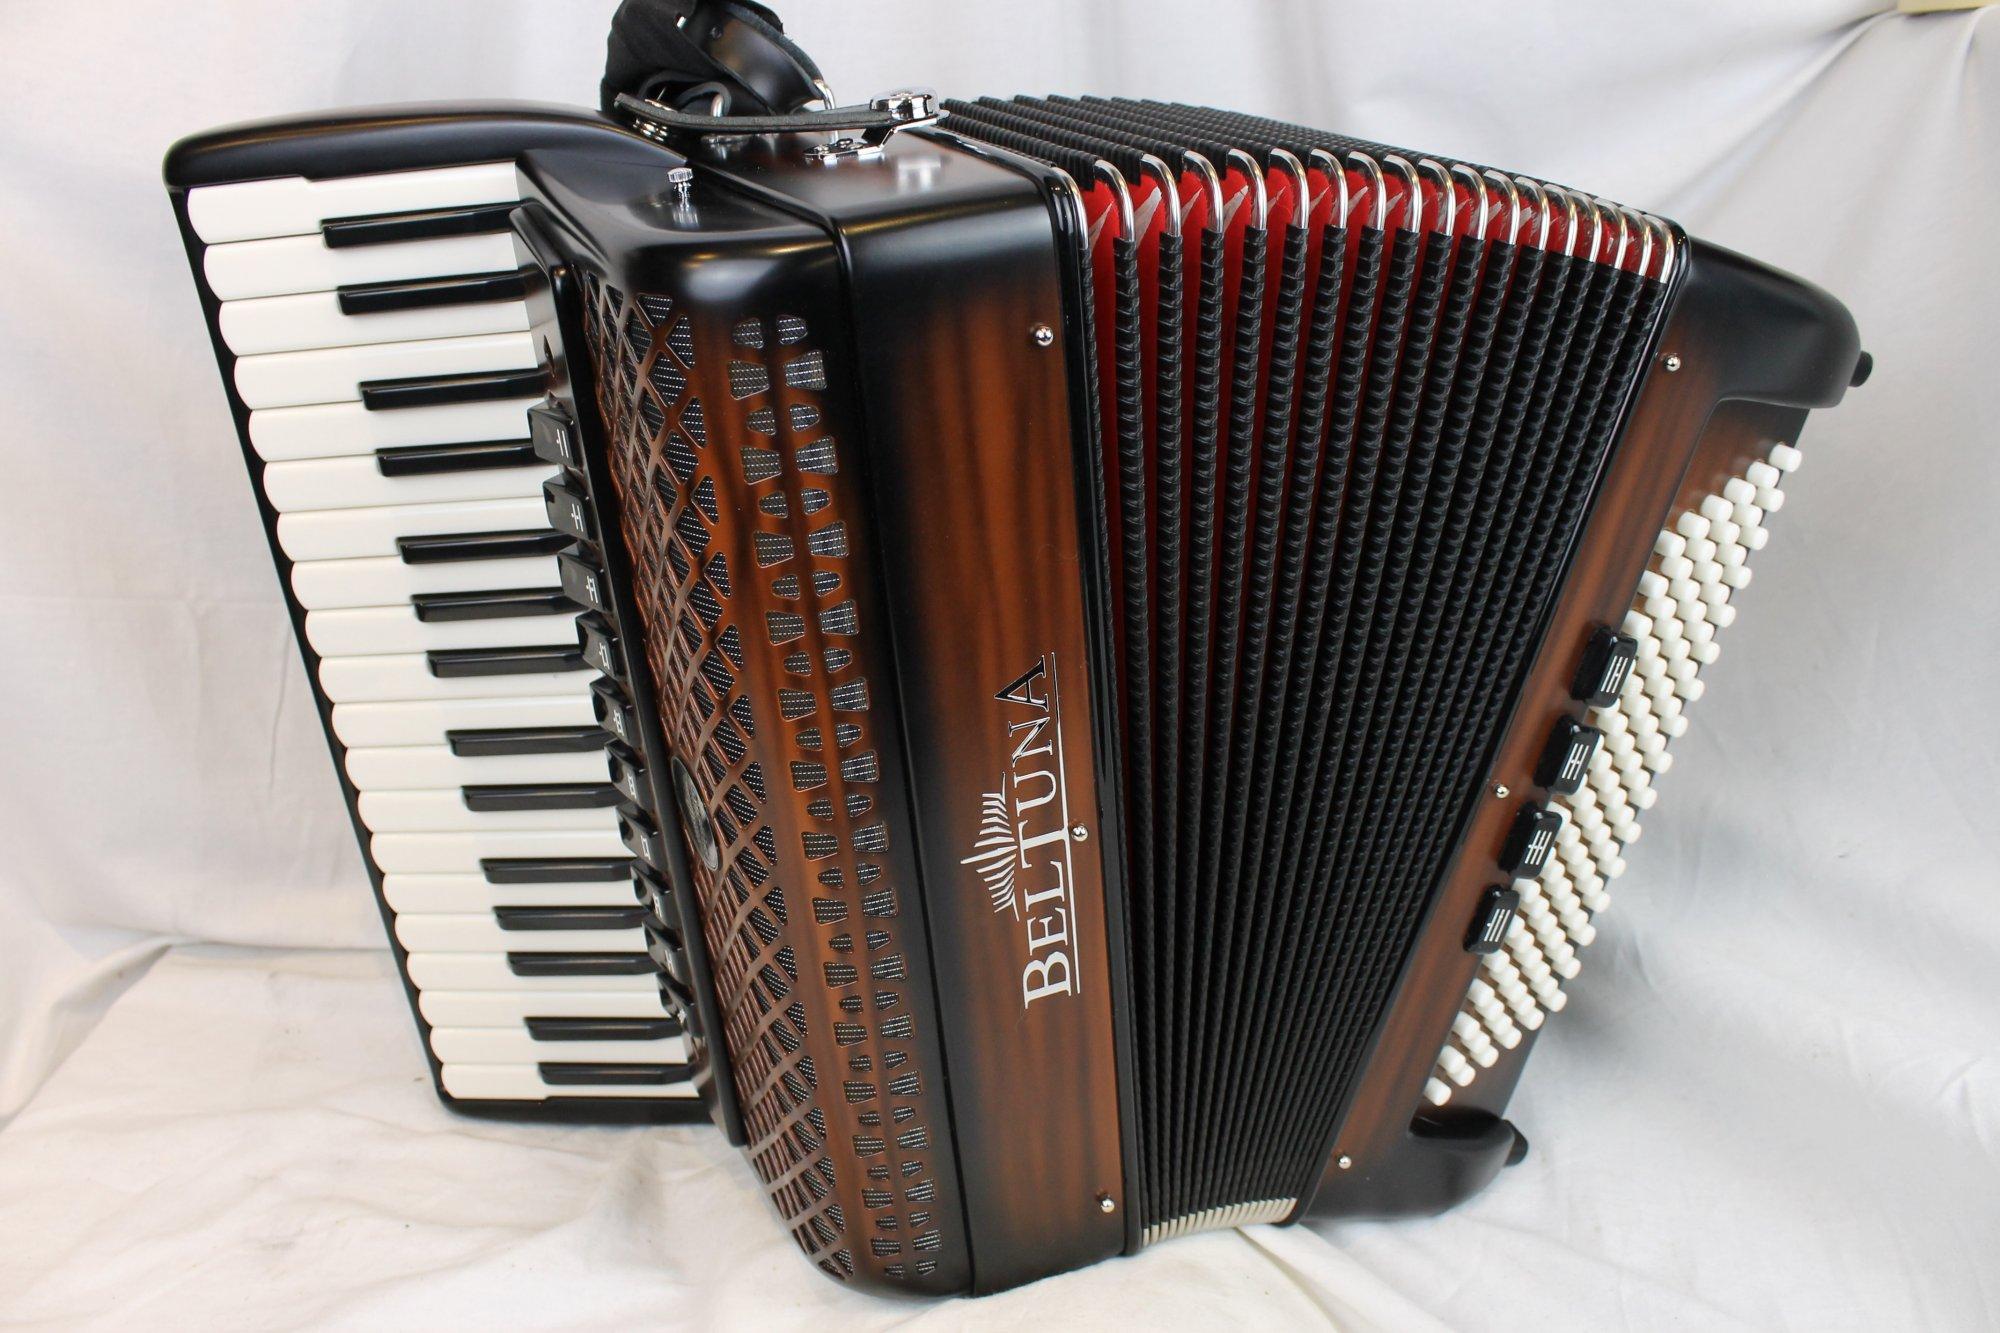 NEW Chocolate Beltuna Studio IV Piano Accordion LMMM 34 96